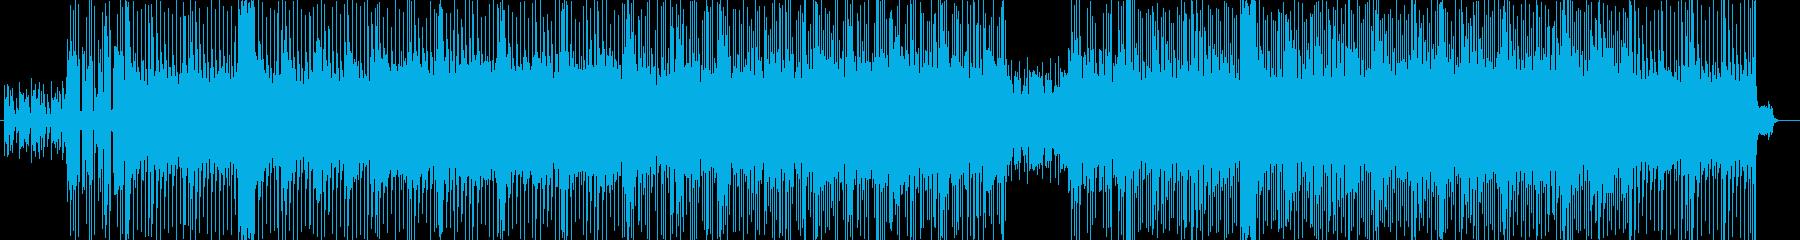 ドキドキとスピード感のシンセサウンドの再生済みの波形